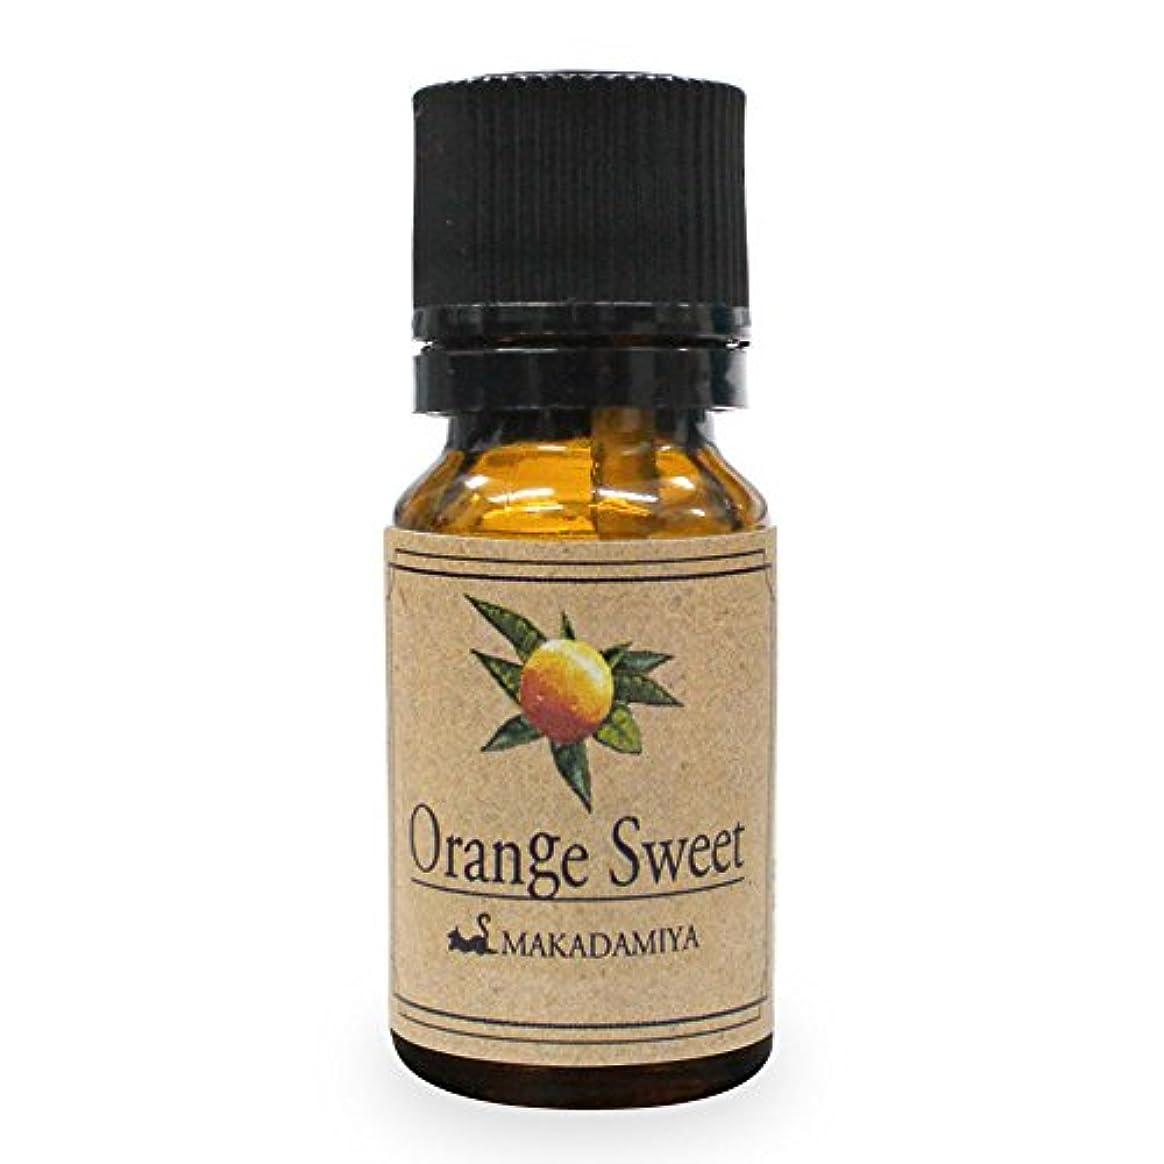 説明する年齢蒸し器オレンジ?スイート10ml 天然100%植物性 エッセンシャルオイル(精油) アロマオイル アロママッサージ aroma Orange S.